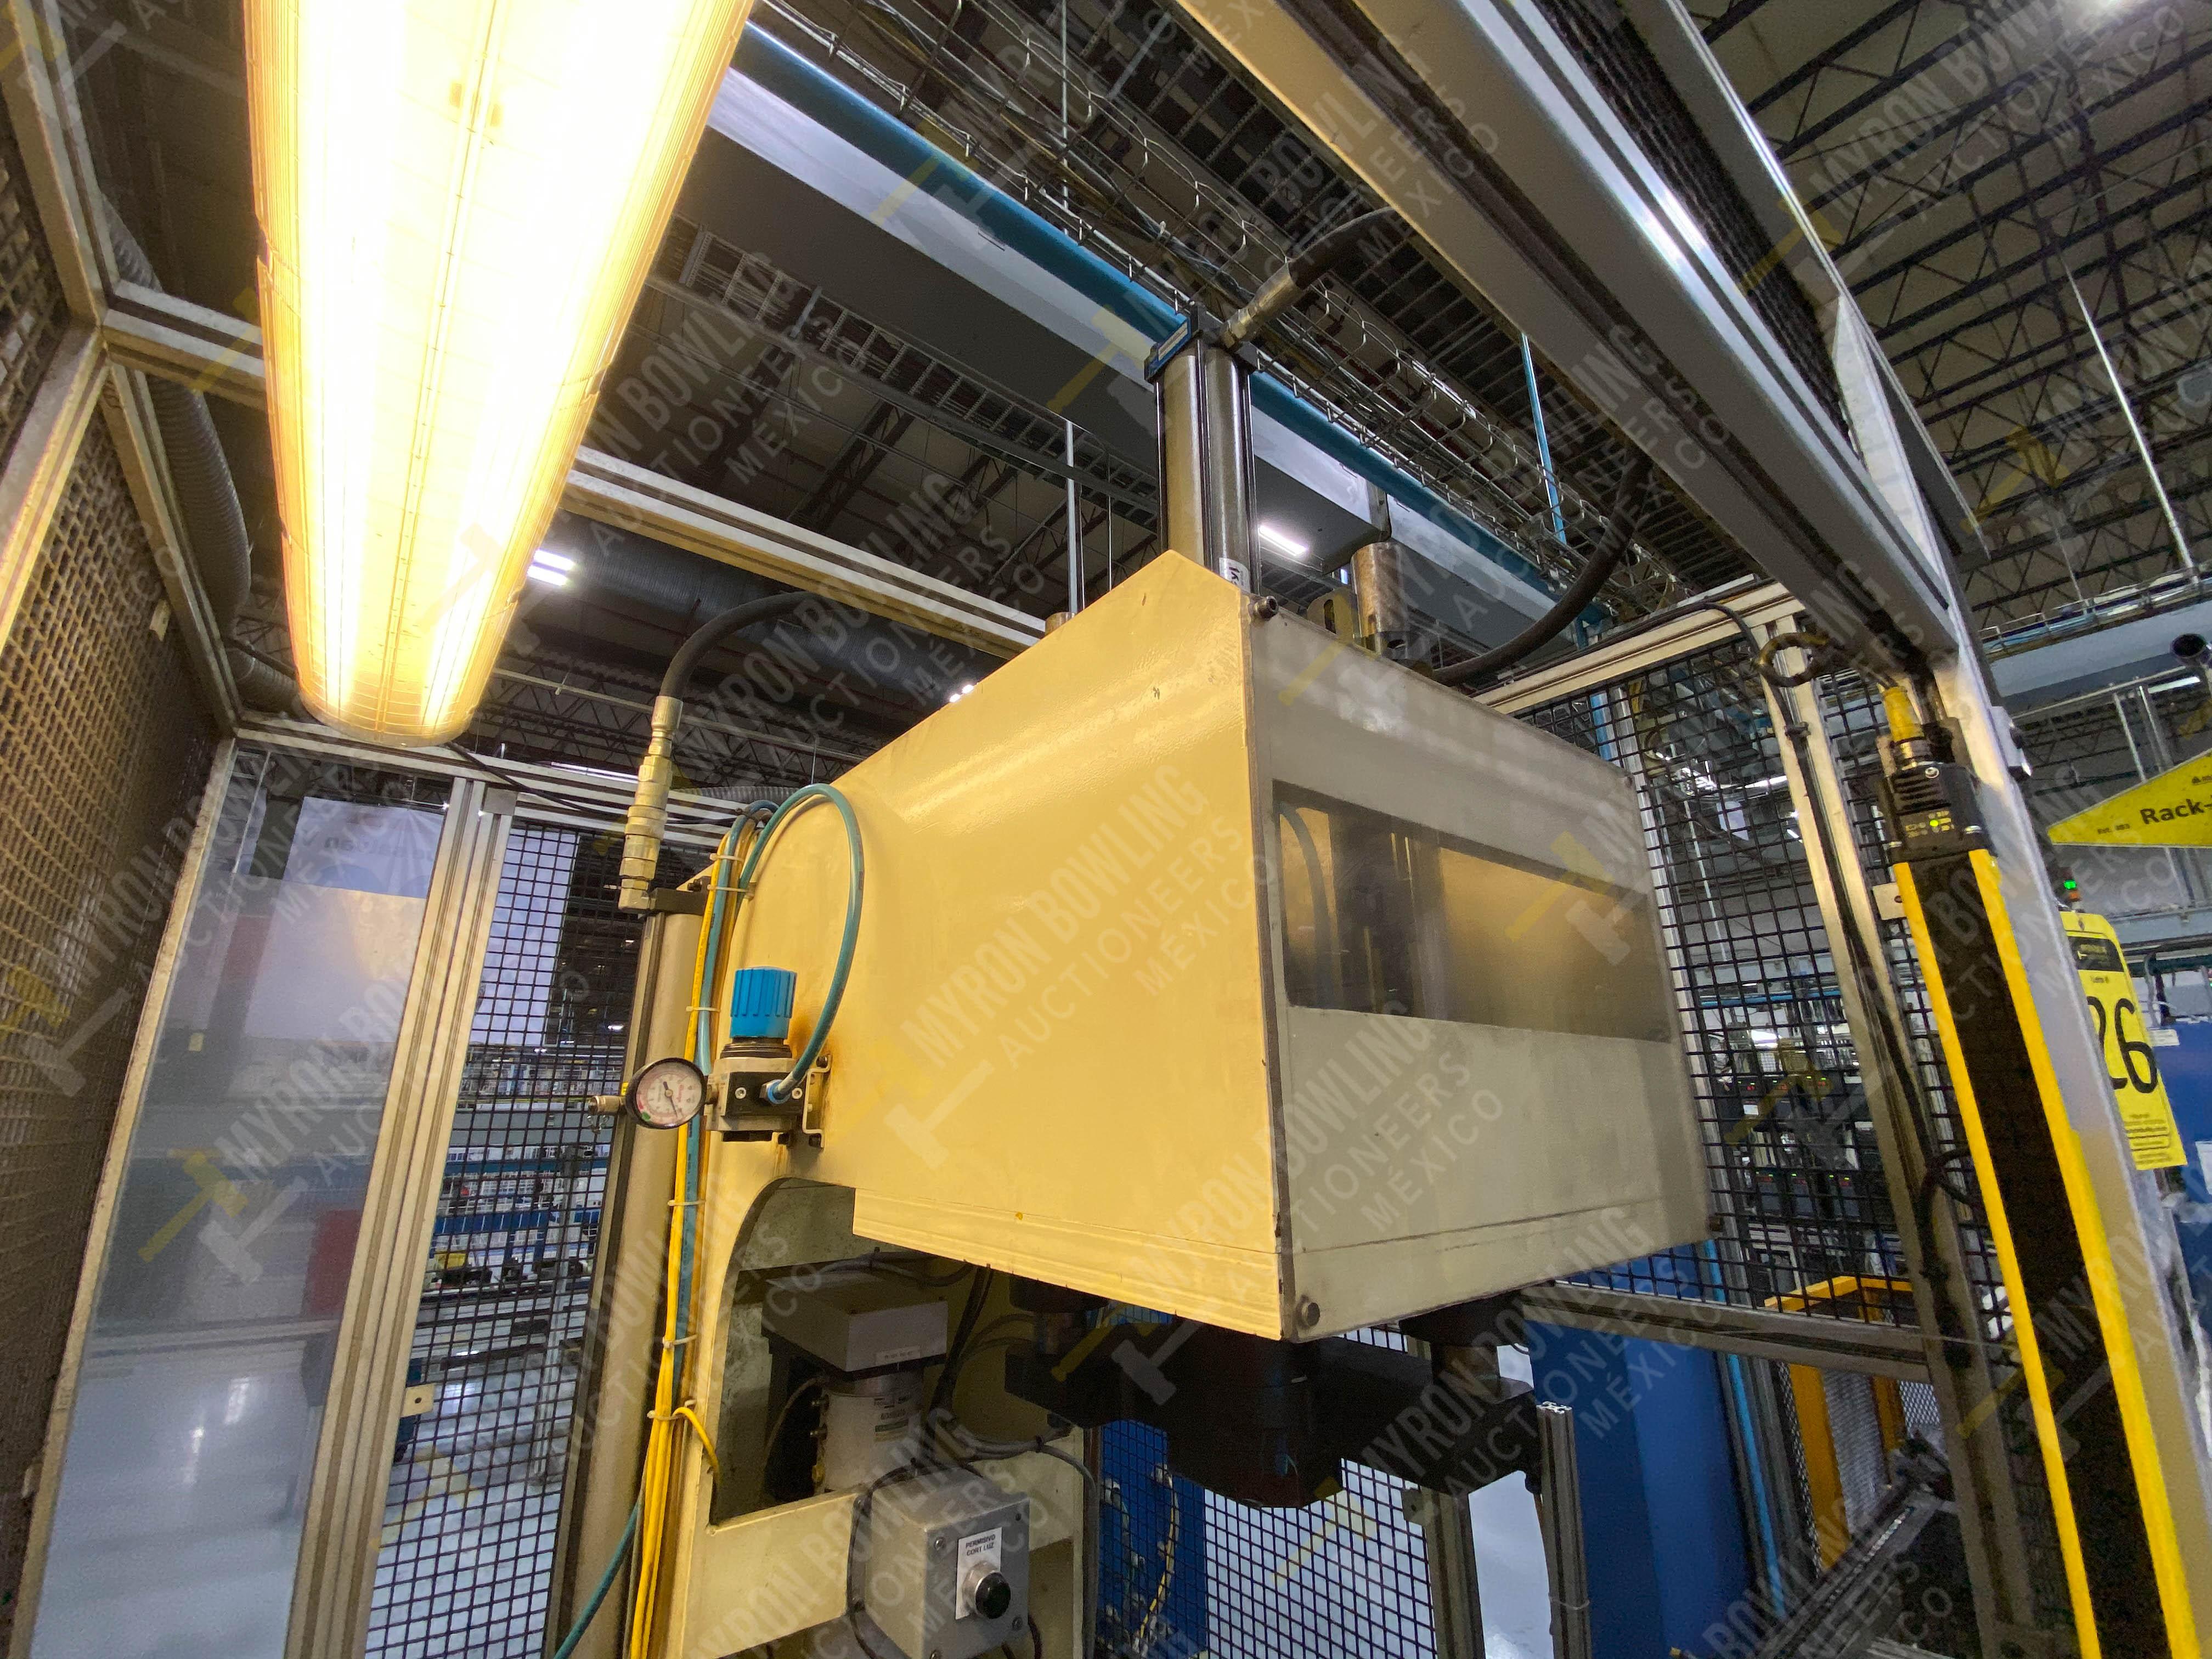 Estación manual para operación 383, contiene: Prensa marca PROMESS en estructura de placa de acero - Image 10 of 27